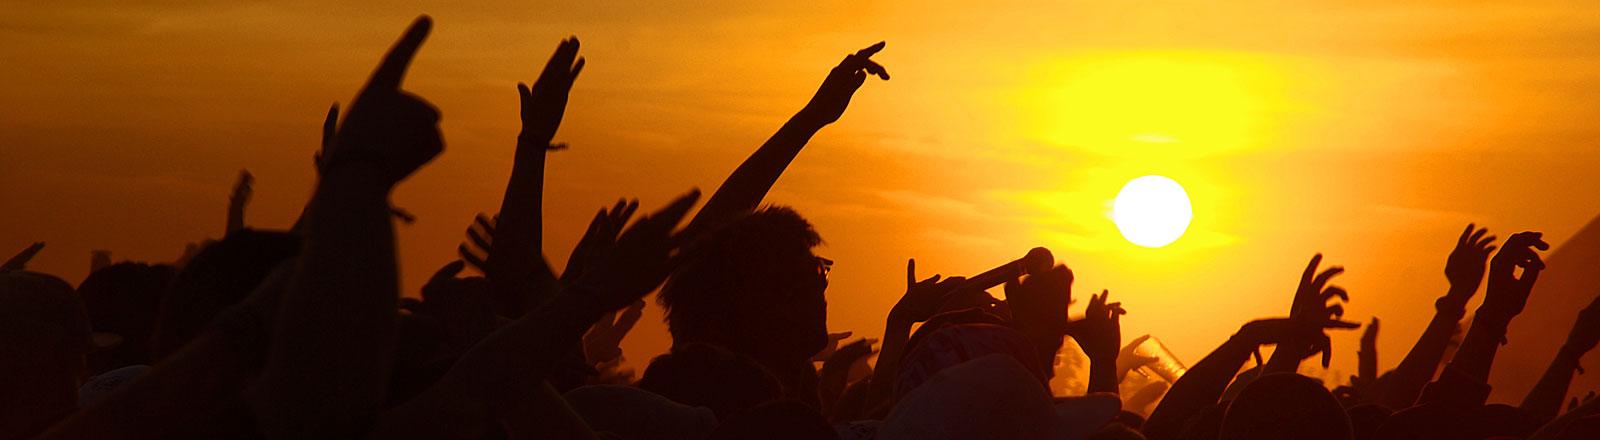 Jugendliche recken bei einem Festibal ihre Arme der Sonne entgegen.